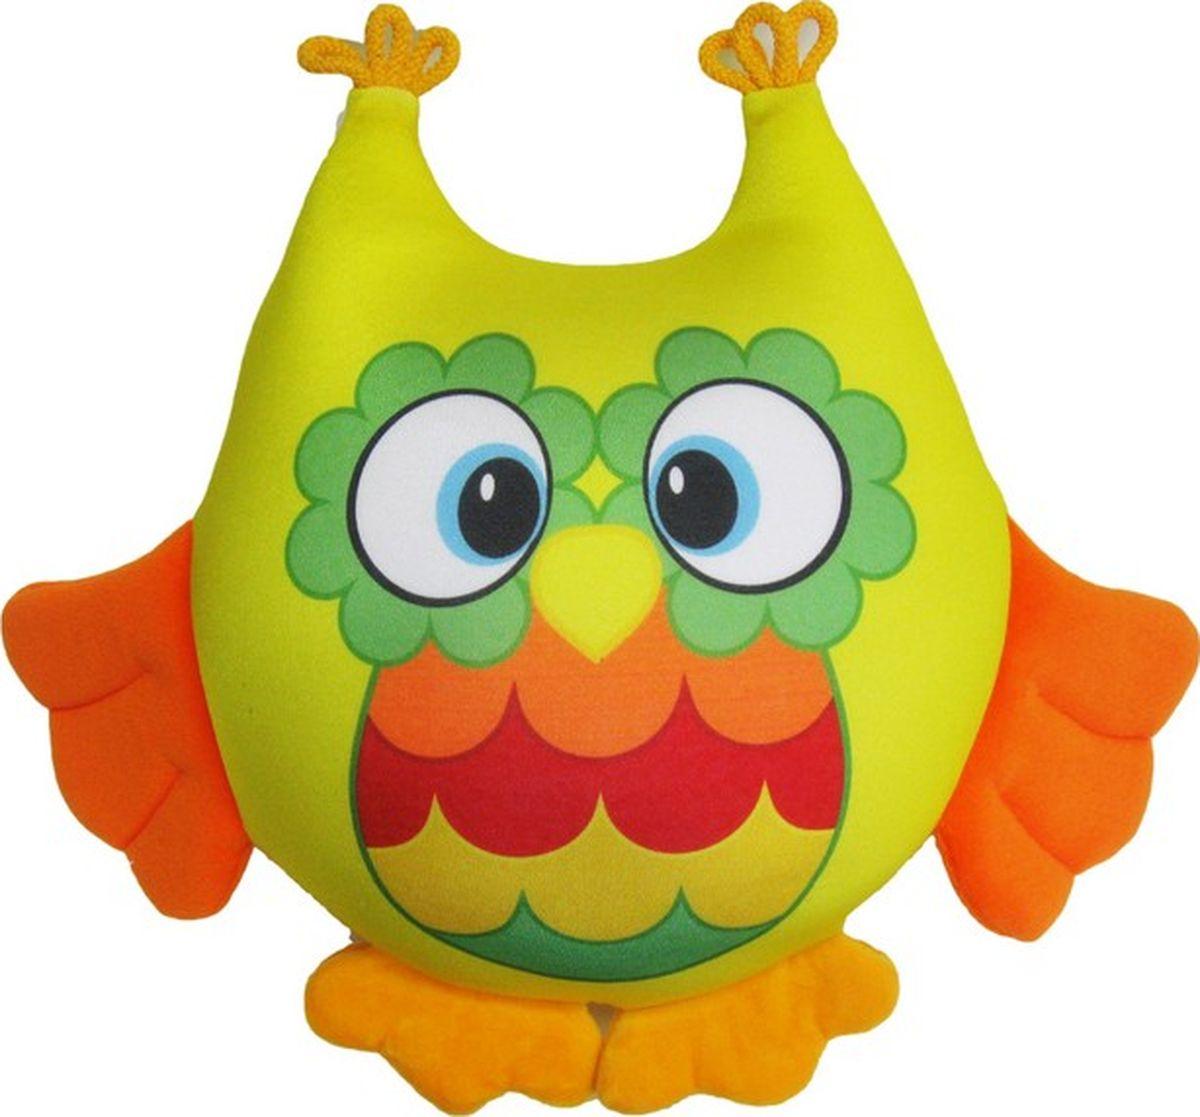 СмолТойс Мягкая игрушка-антистресс Совенок 29 см игрушка антистресс смолтойс совенок 29 см сиреневая